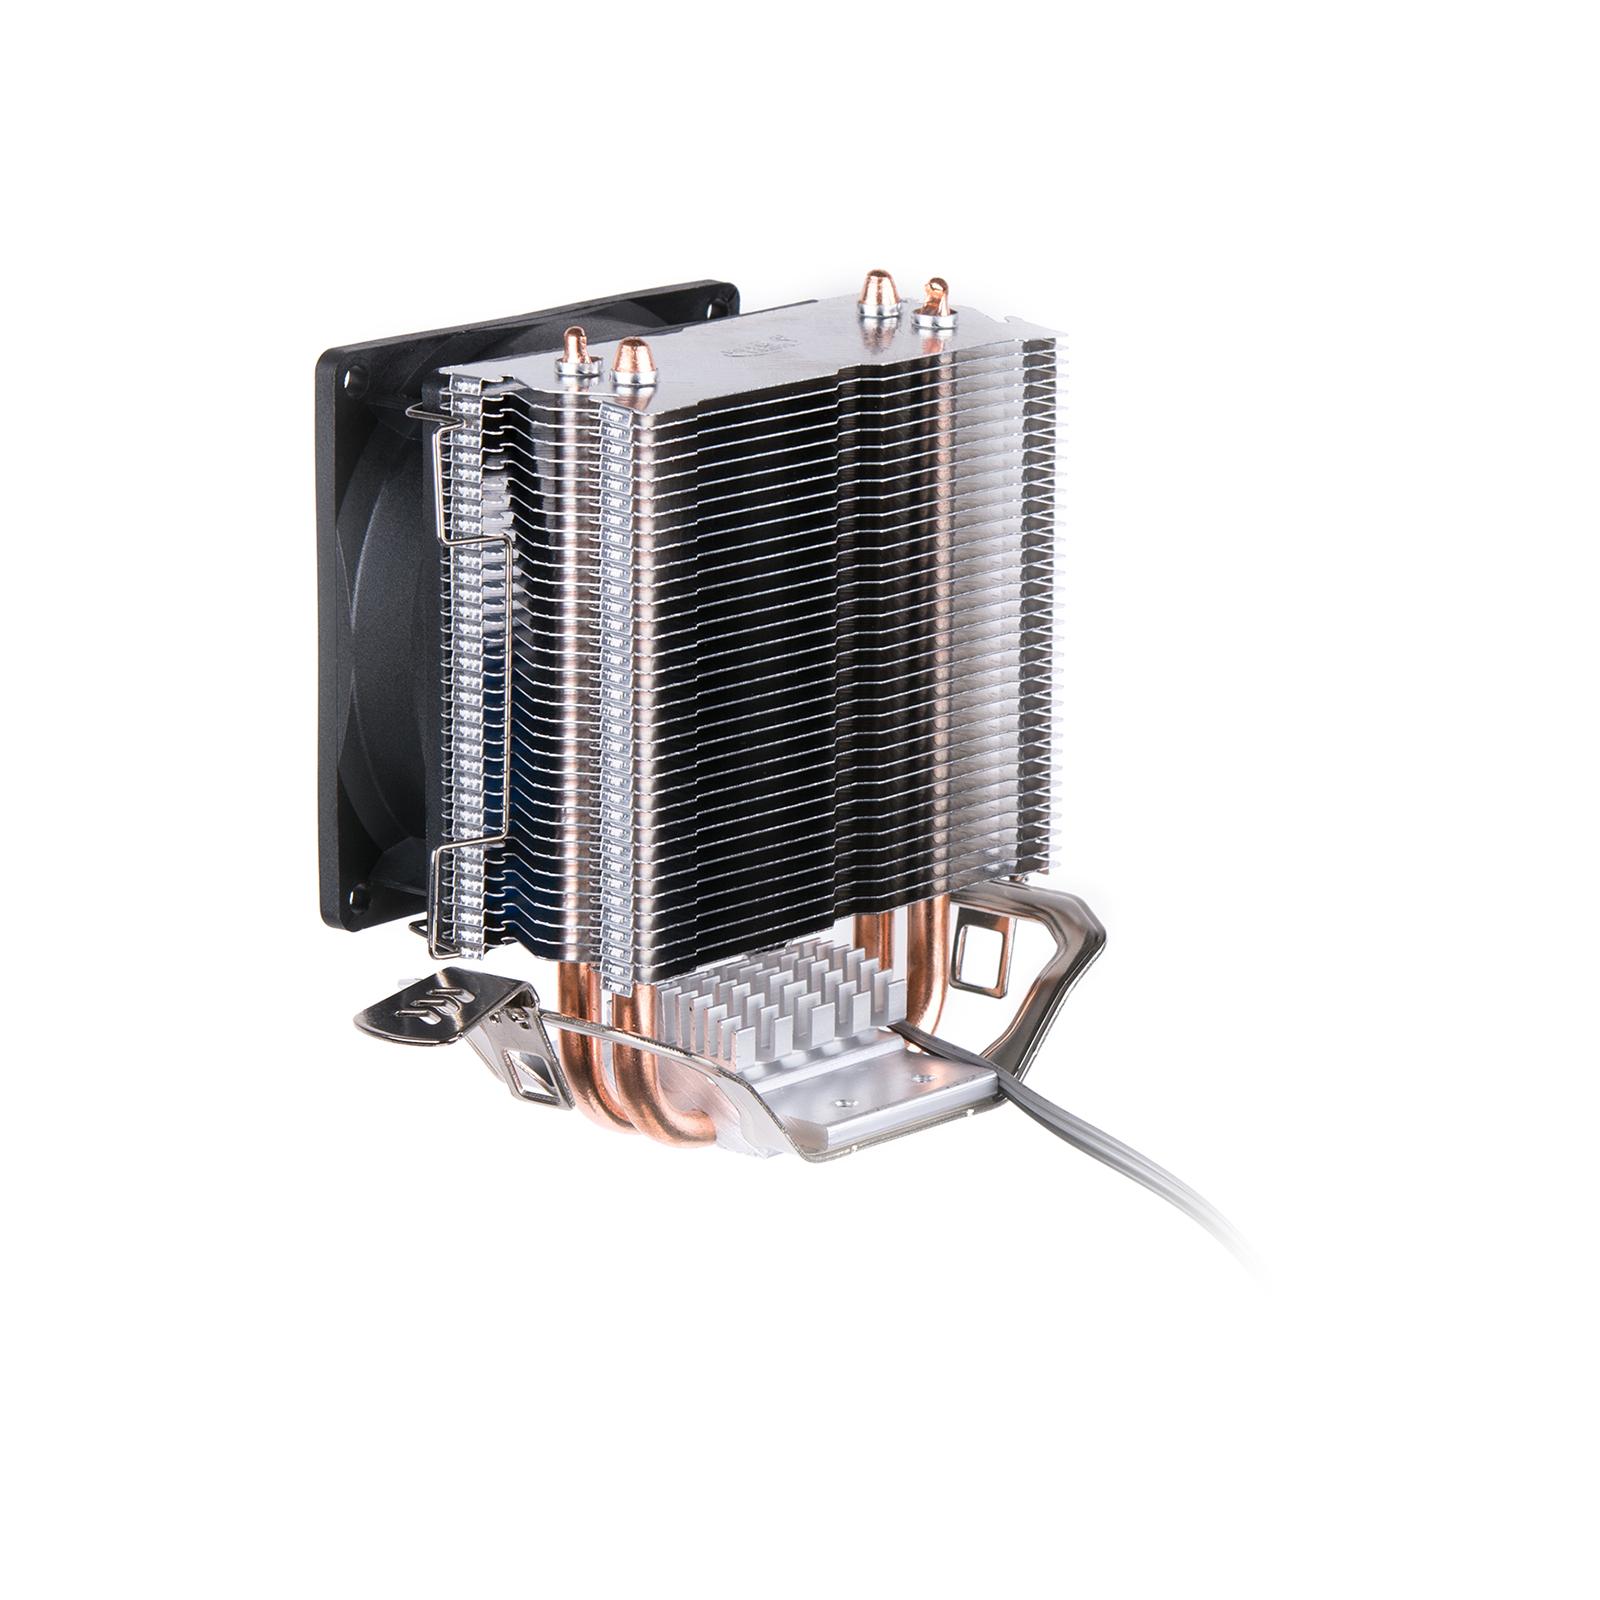 Кулер для процессора Deepcool ICEEDGE MINI FS V2.0 изображение 3